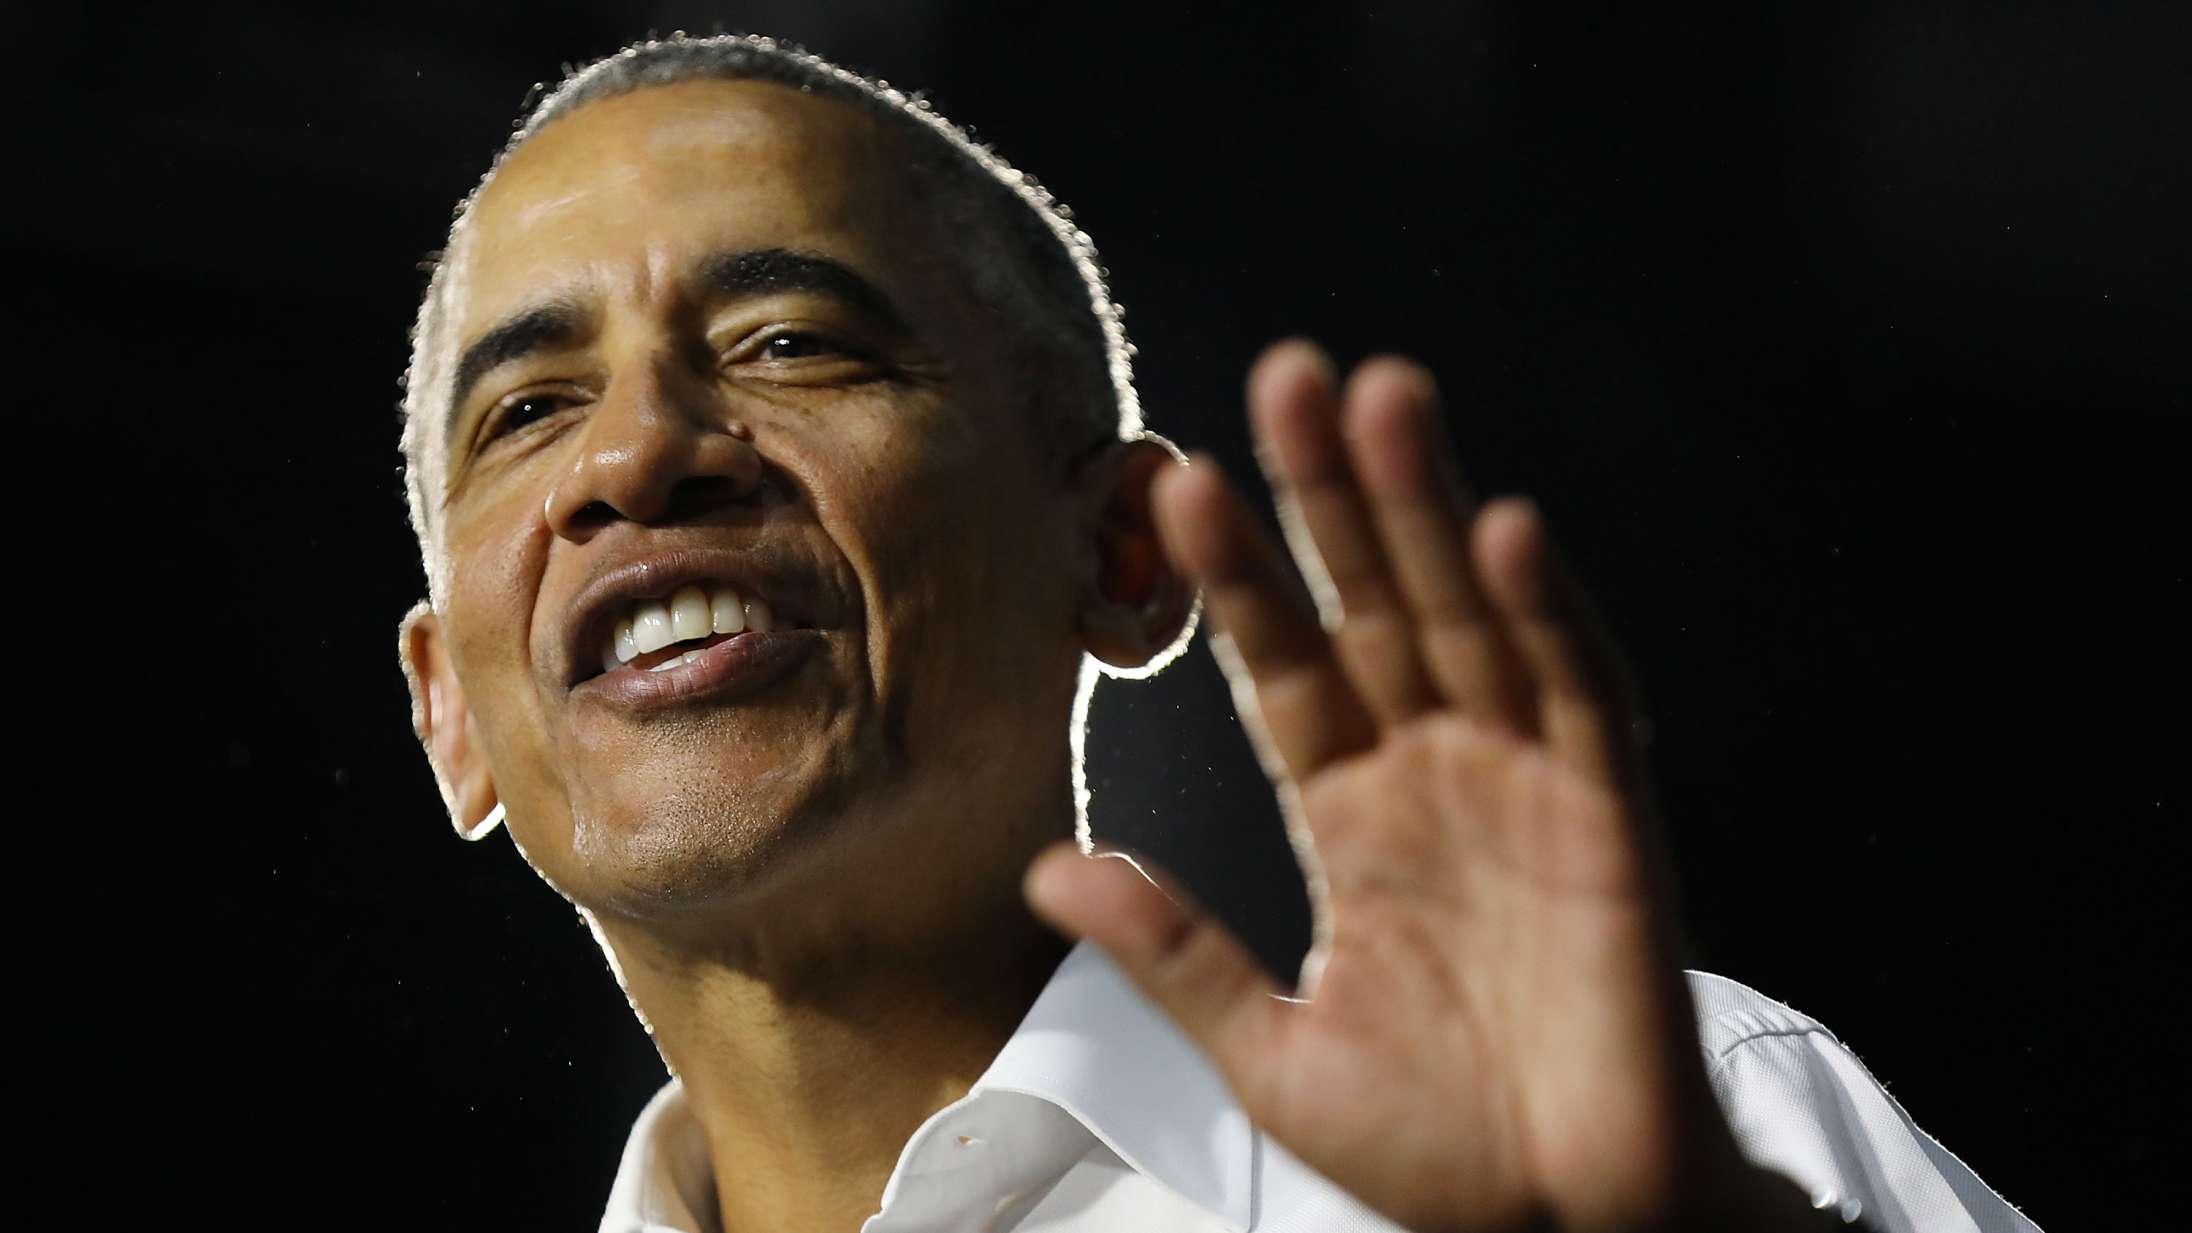 Barack Obama deler sine yndlingsfilm og serier fra i år – med underkendt arthouse og store årsfavoritter